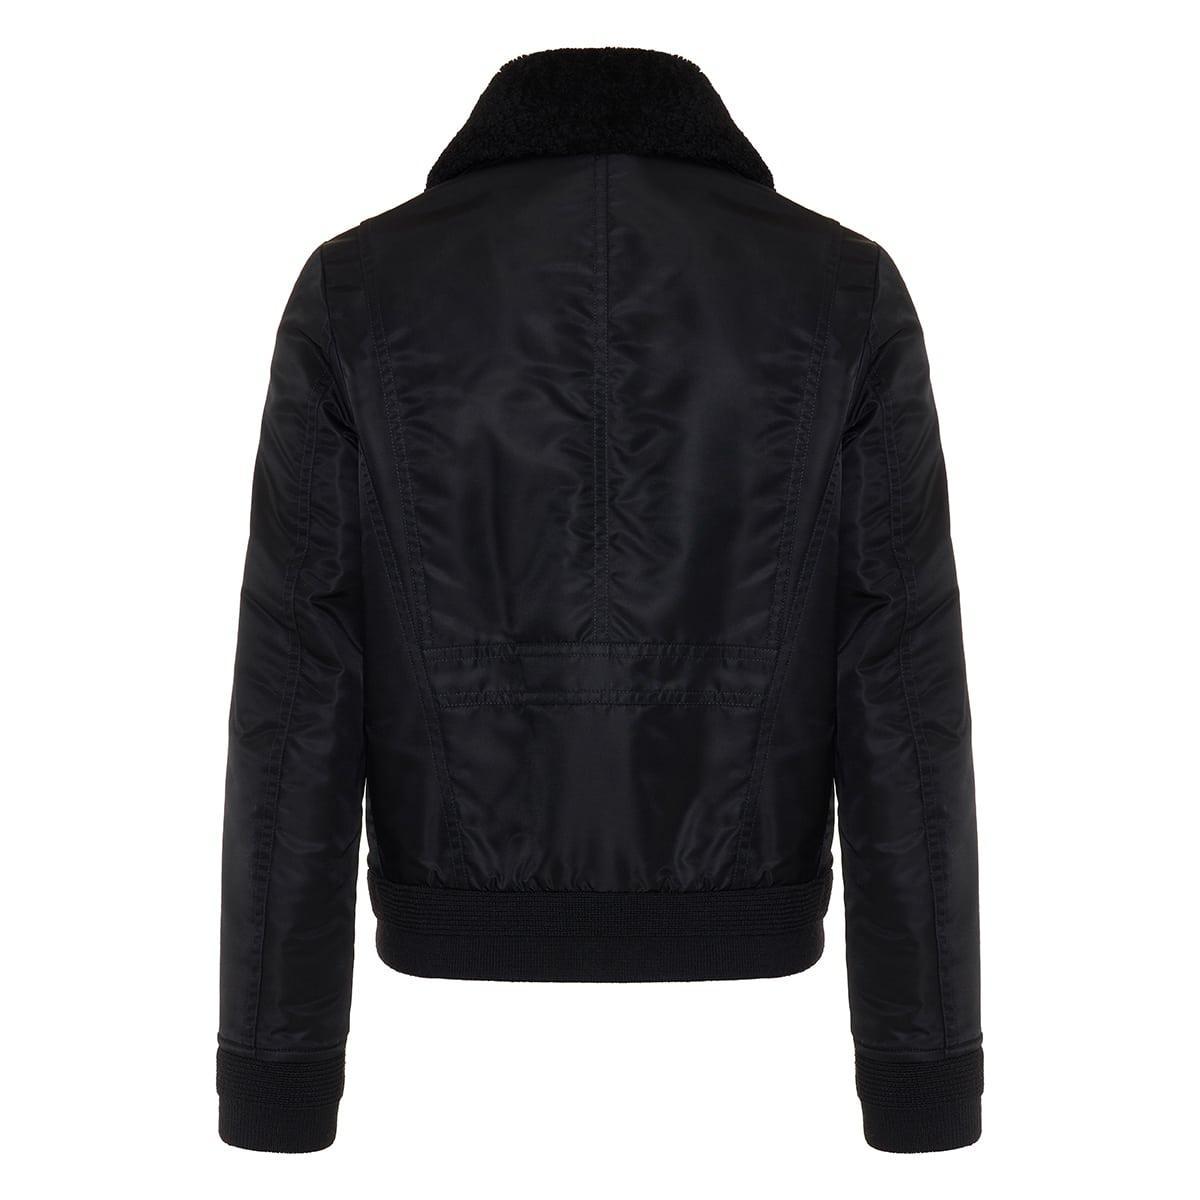 06vi nylon aviator jacket